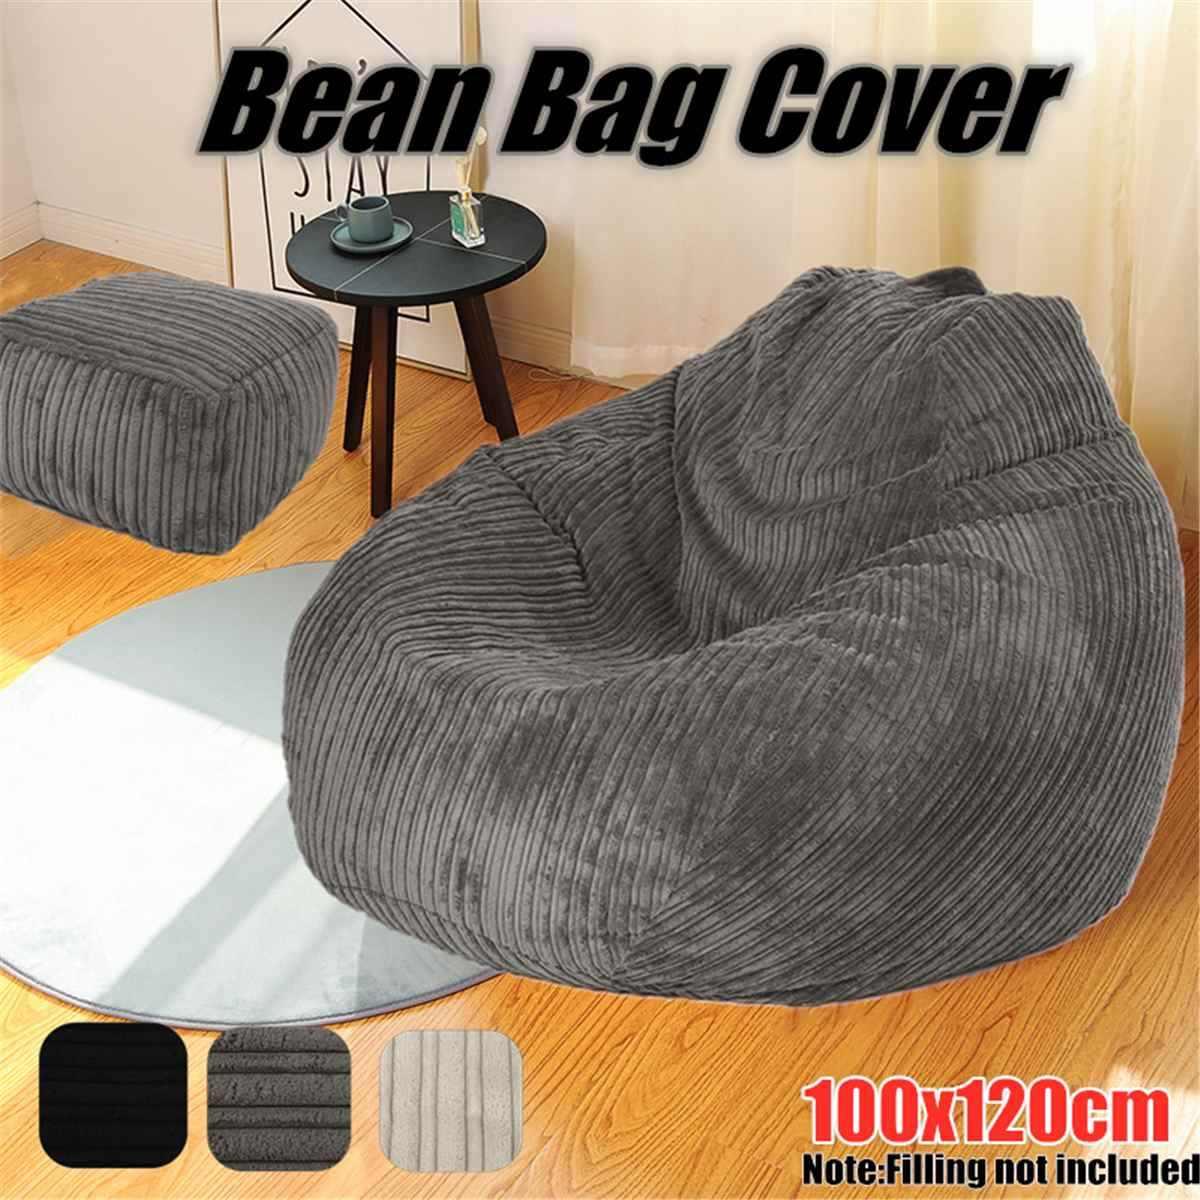 Grote Luie Zitzak Banken Cover Stoelen zonder Vulmiddel Corduroy Lounger Seat Zitzak Poef Bladerdeeg Couch Tatami Woonkamer Grey